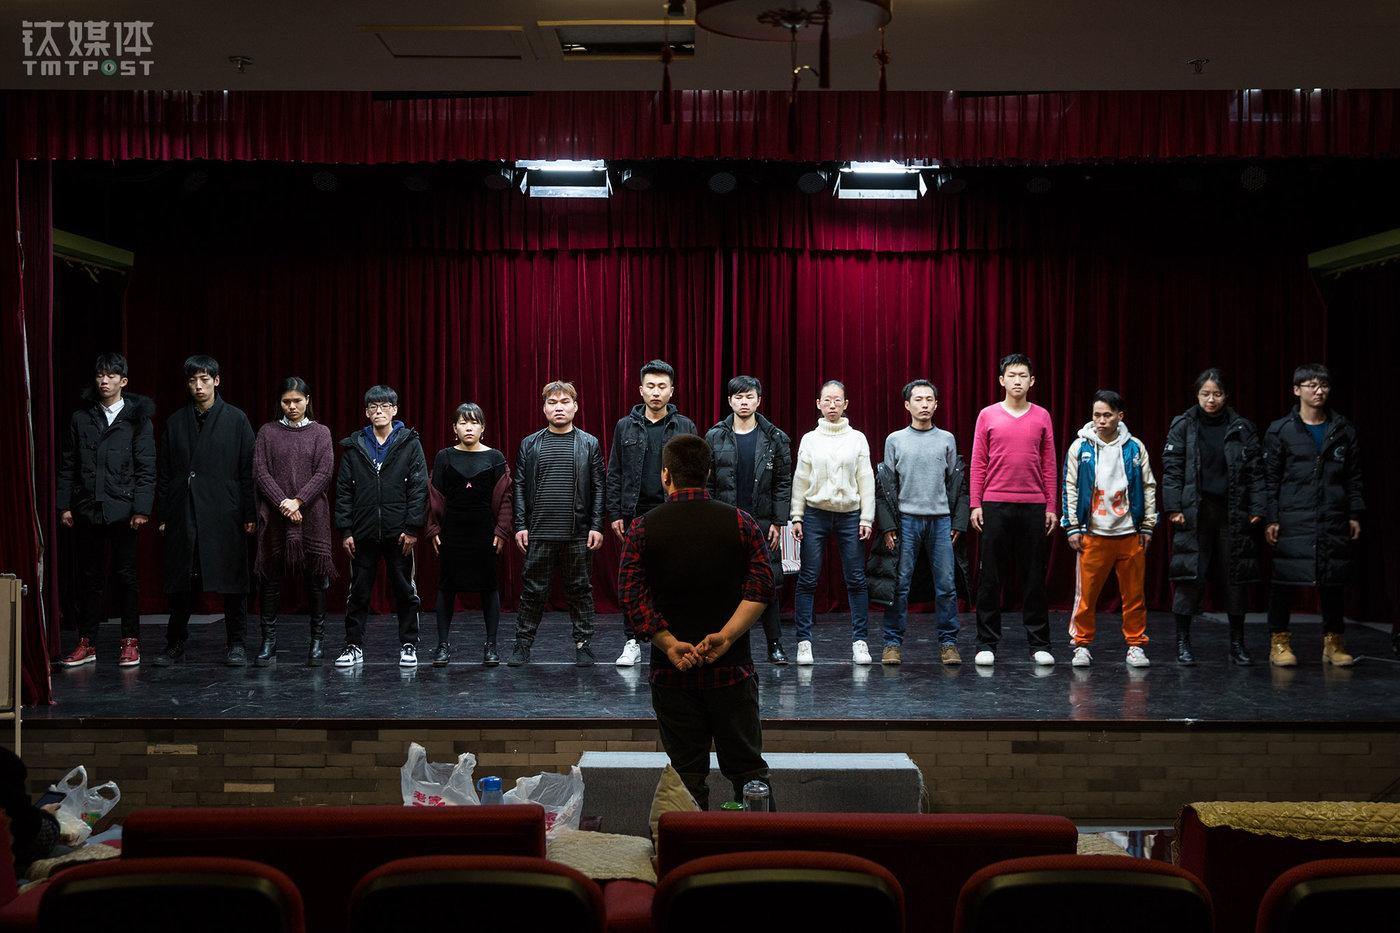 2018年1月3日上午,北京辰星剧社,社长宋怡辰集合演员,准备开始一天的训练。除非有演出安排,剧社演员每天9点要到达剧场开始一天的训练。